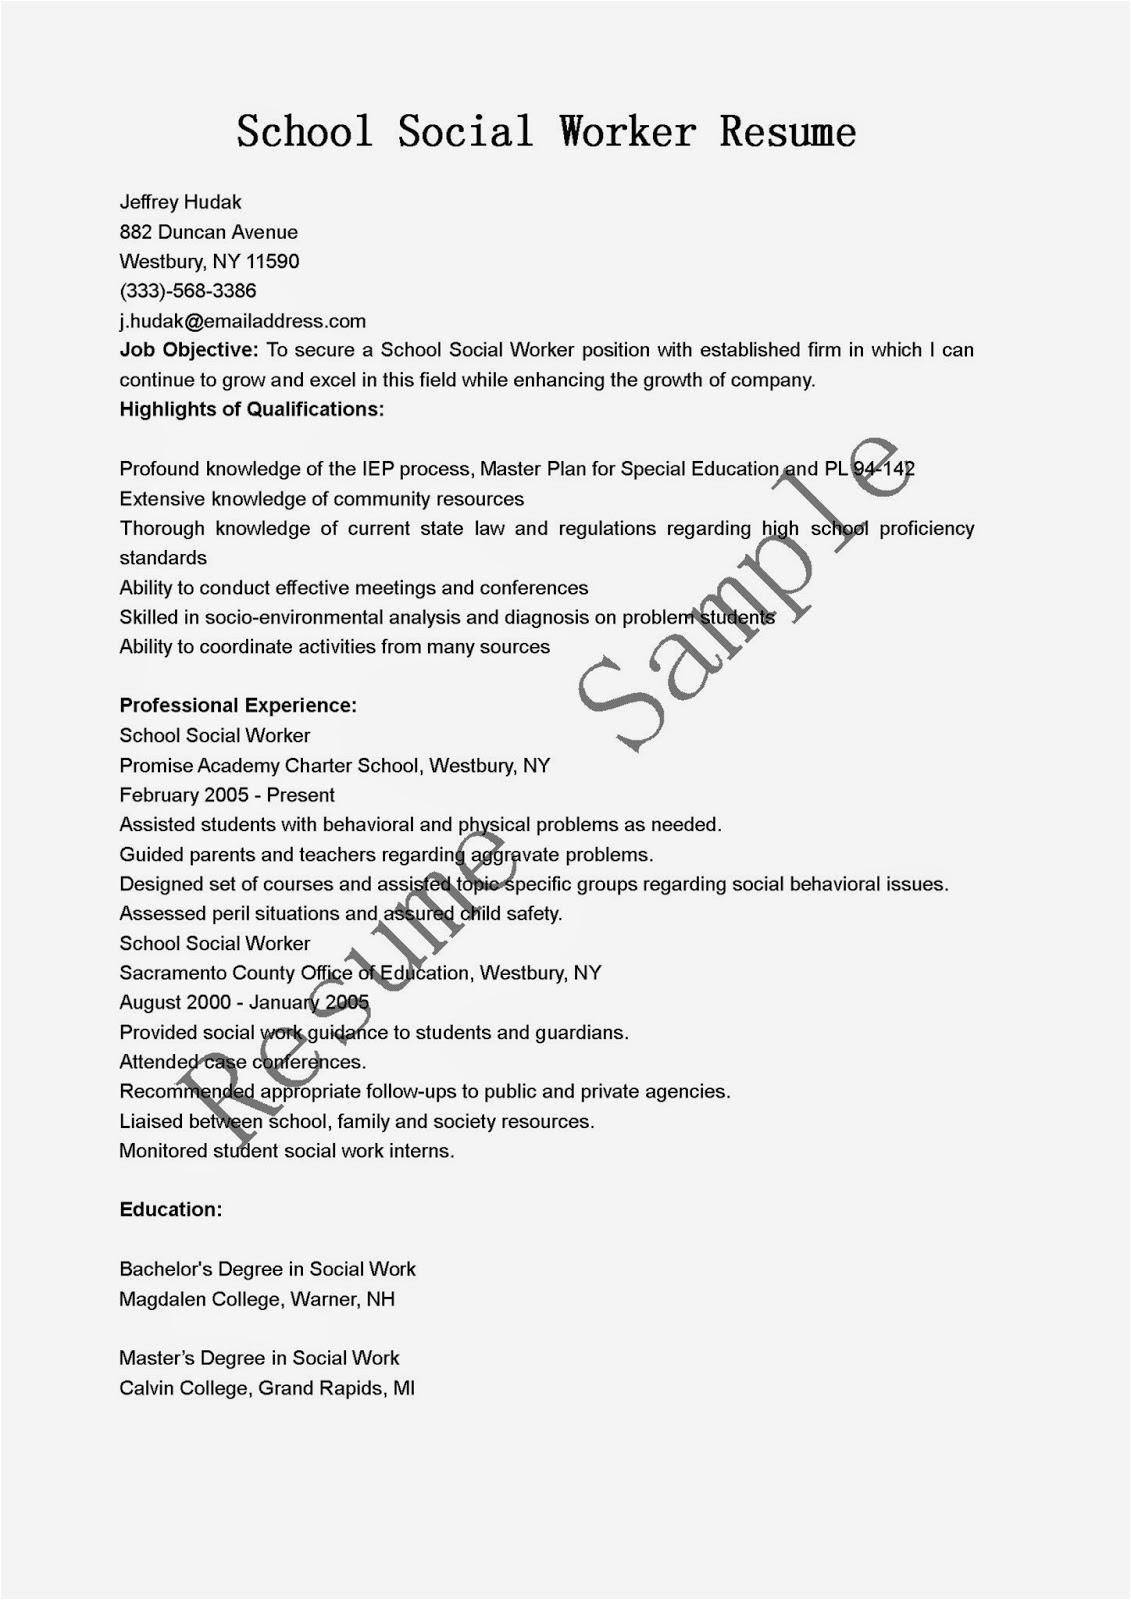 school social worker resume sample